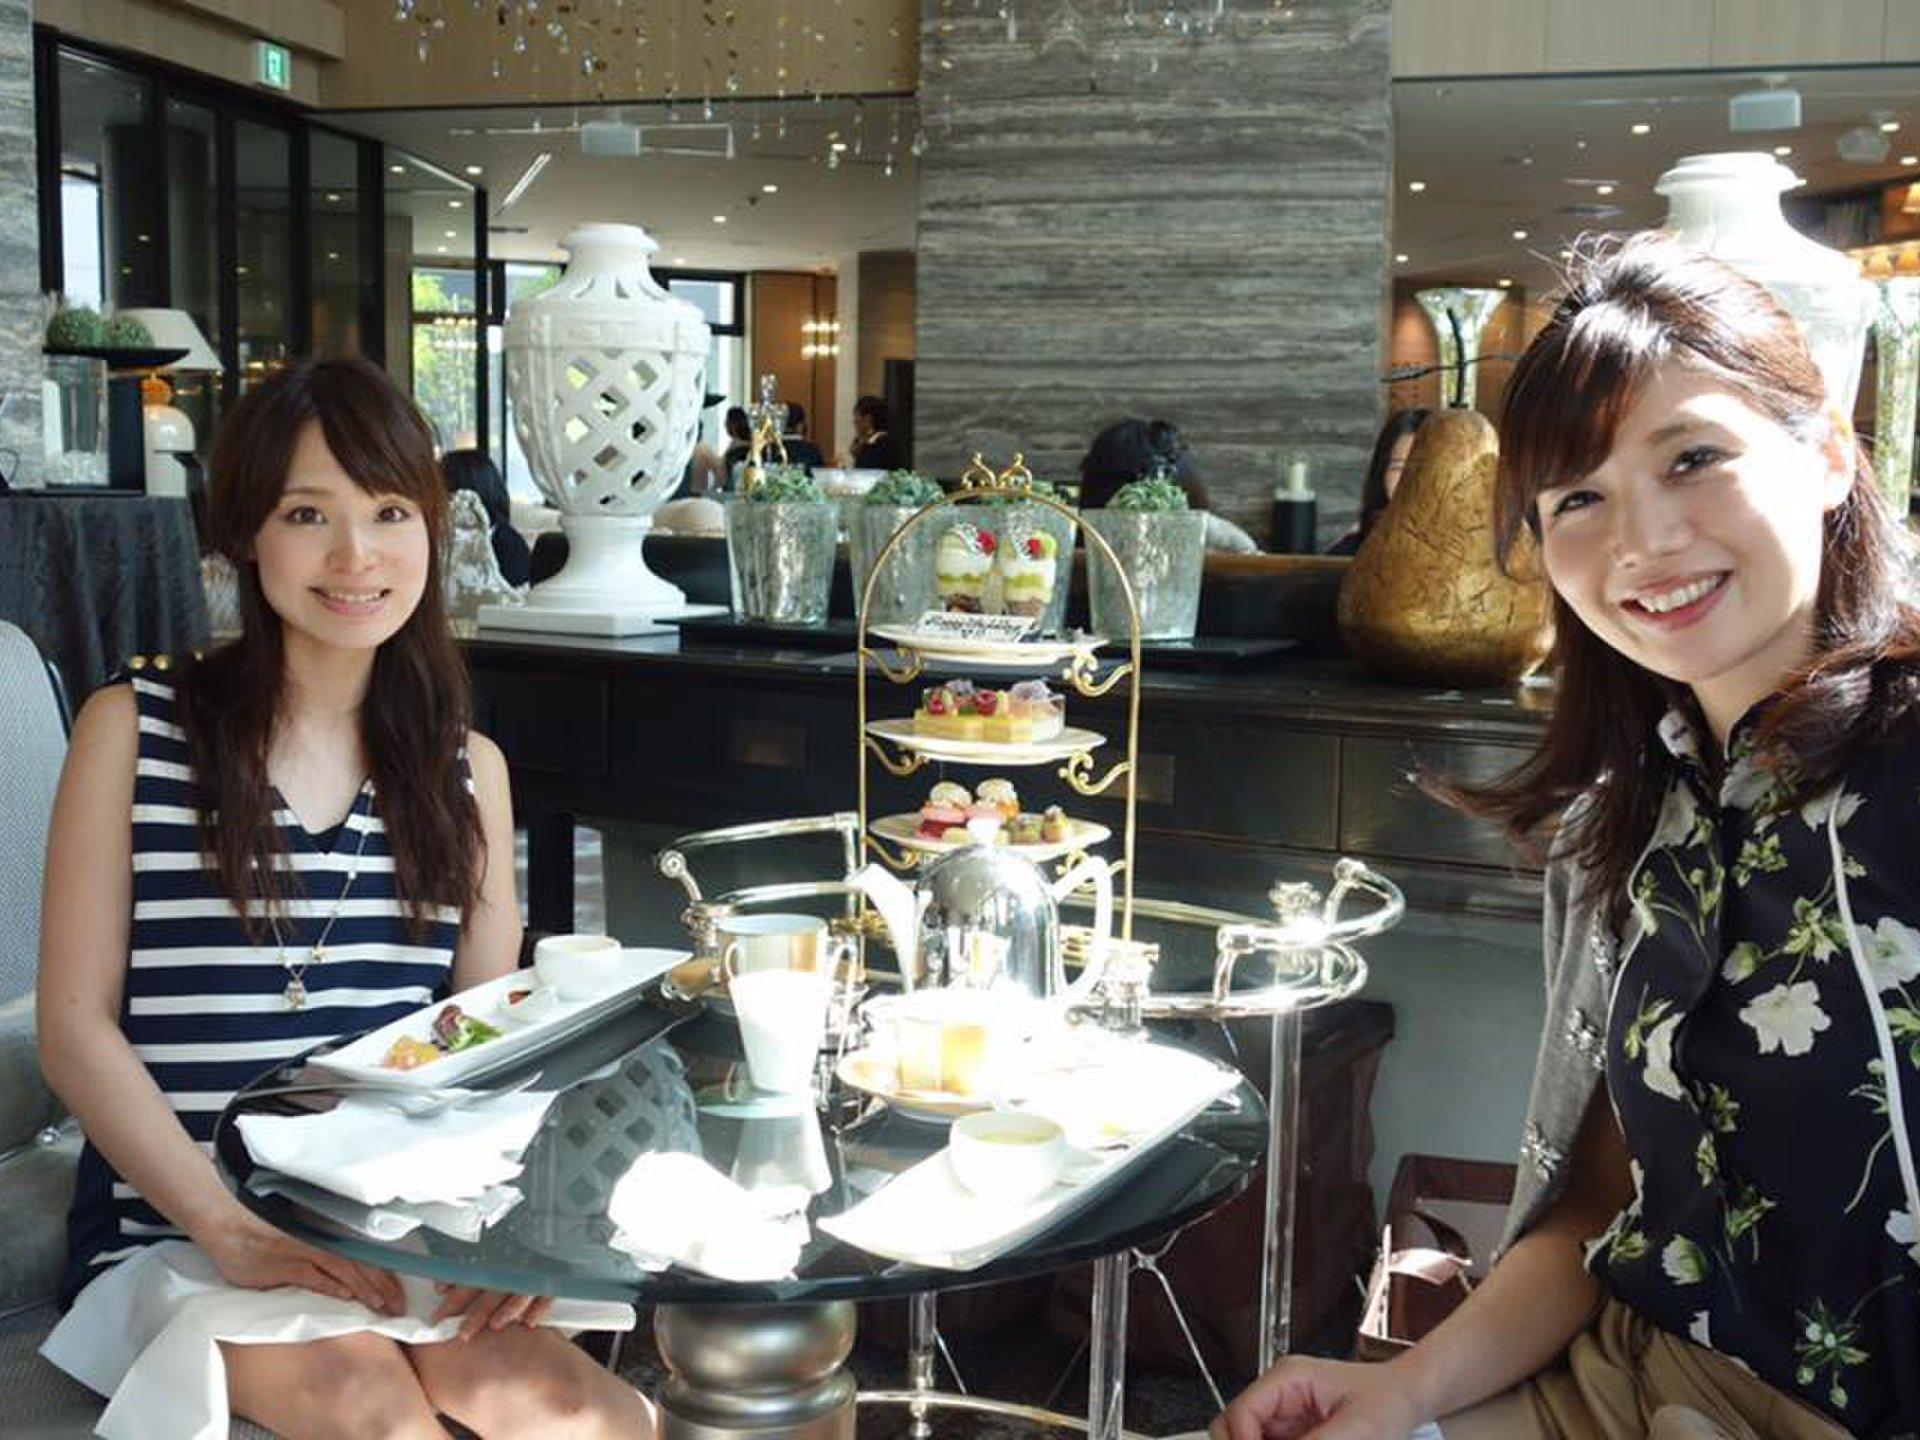 【トレンドに敏感な名古屋嬢ご用達】ラグジュアリーな空間でホテルアフターヌーンティー♪